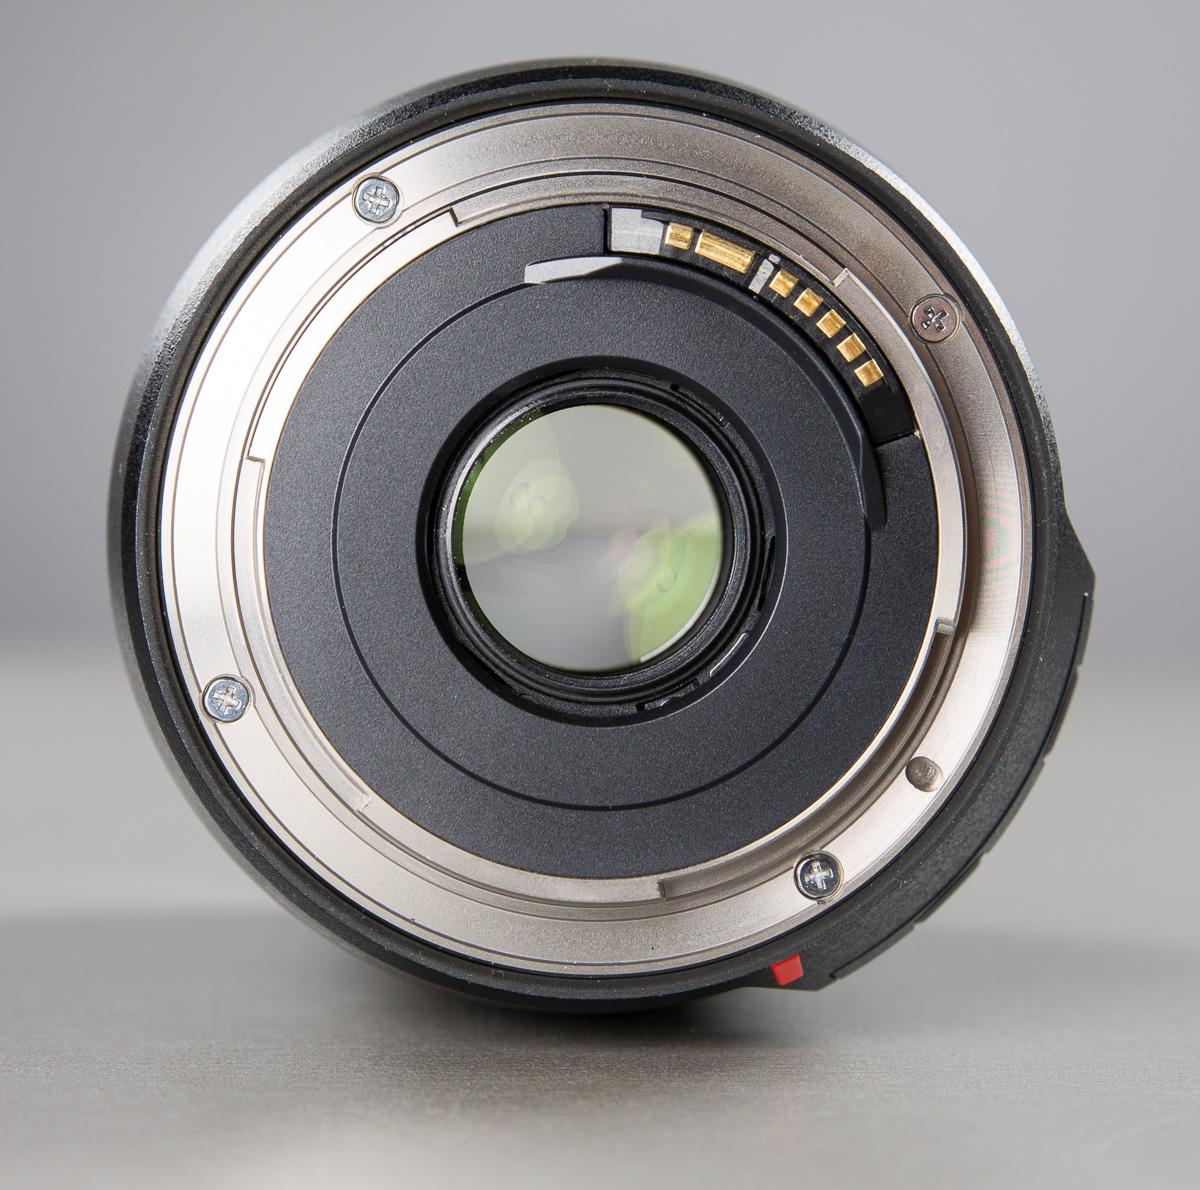 Tamron-16-300mm-objektiiv-photopoint-500